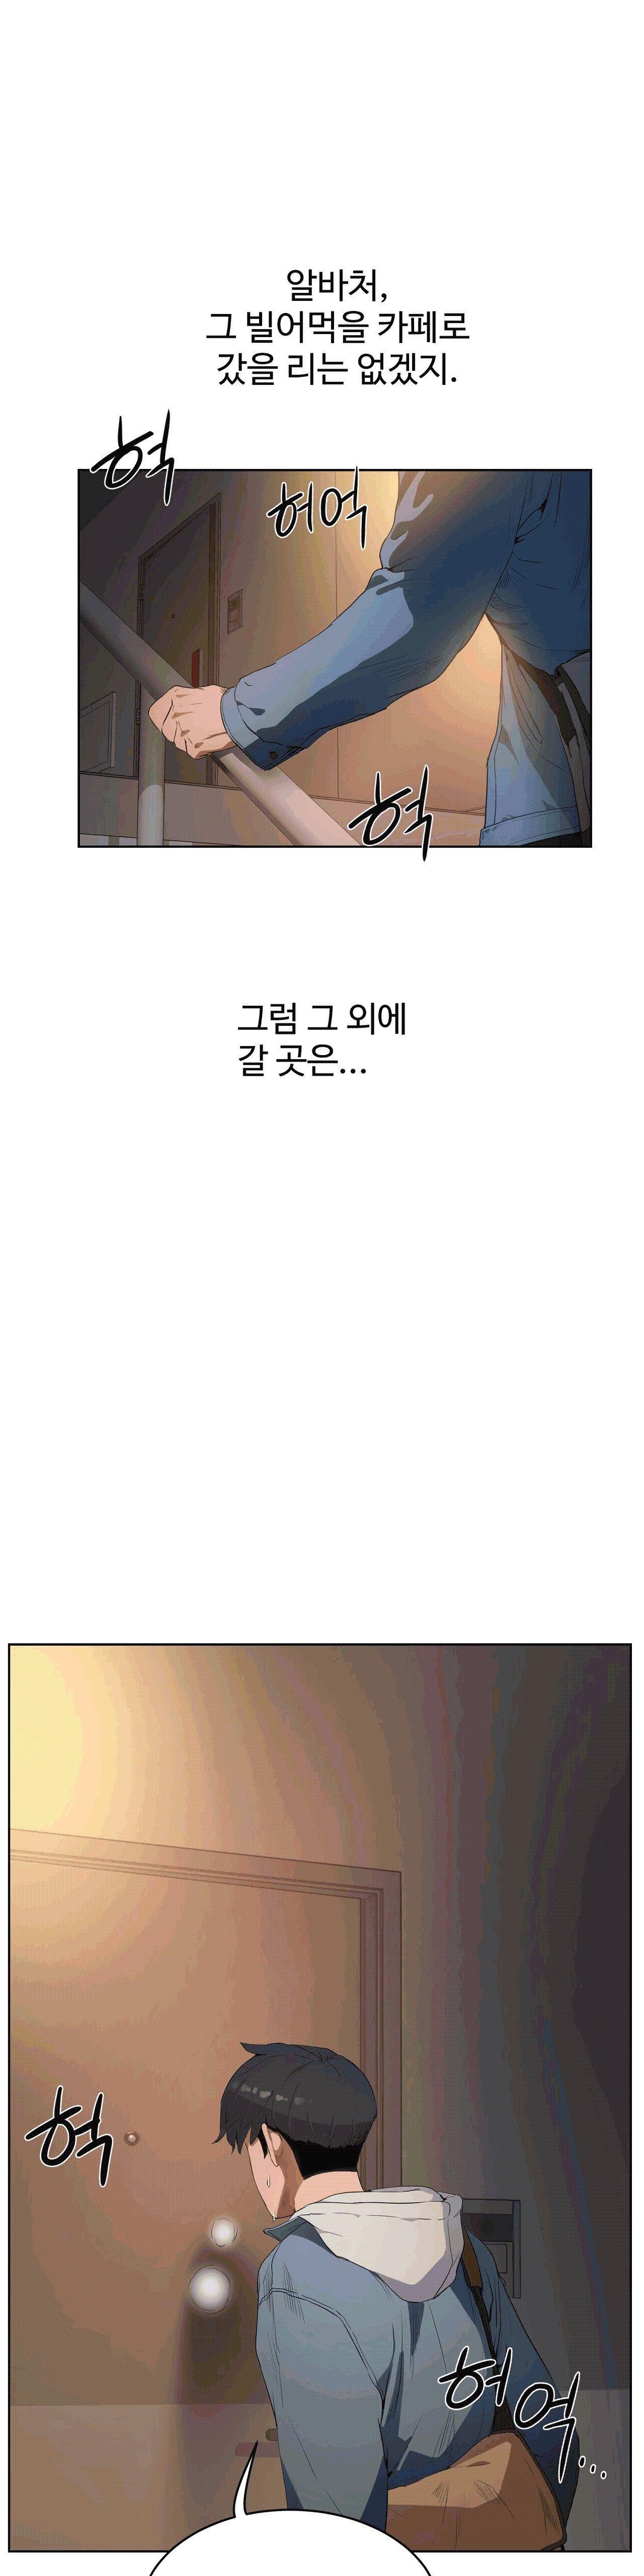 性教育 1-48.5 中文翻译(完結) 372